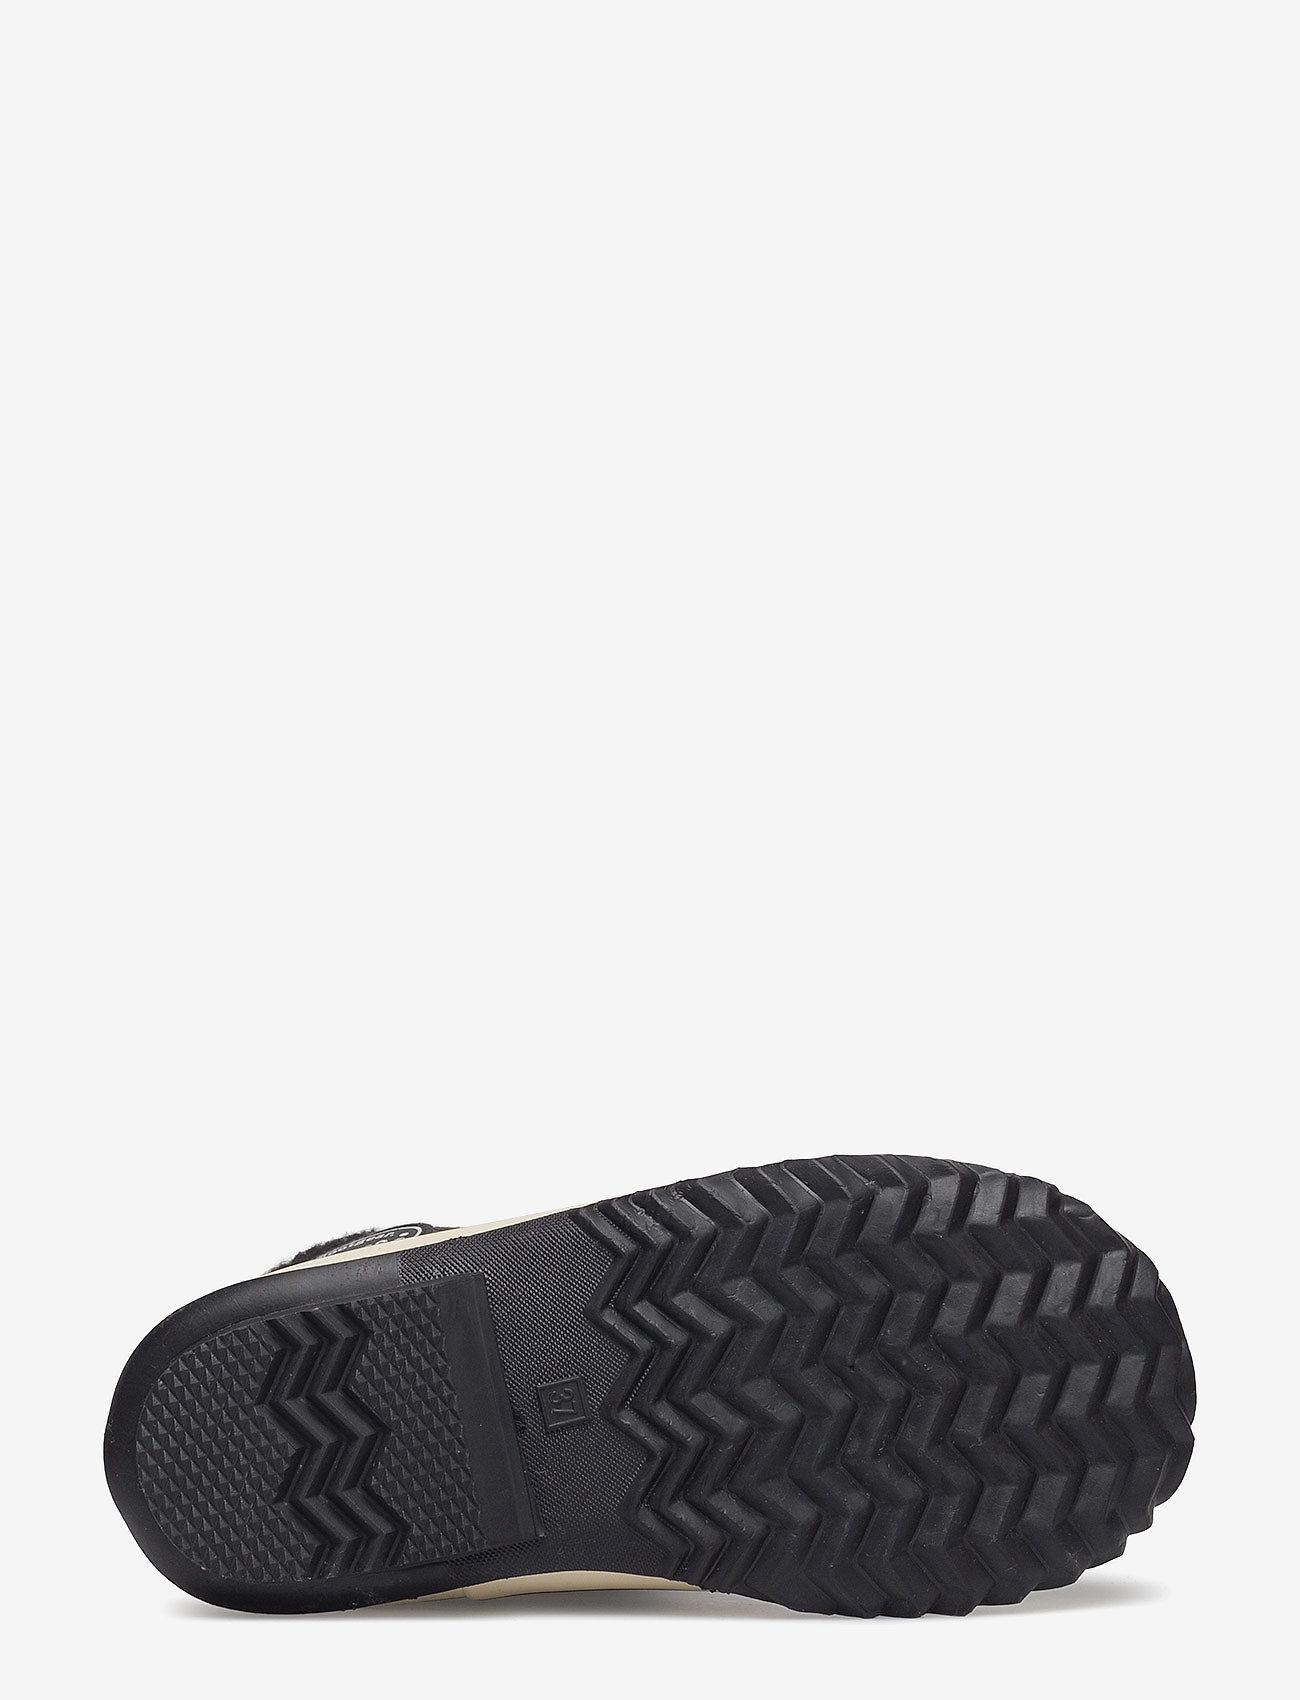 Ridgetop Lite (Black) - LaCrosse